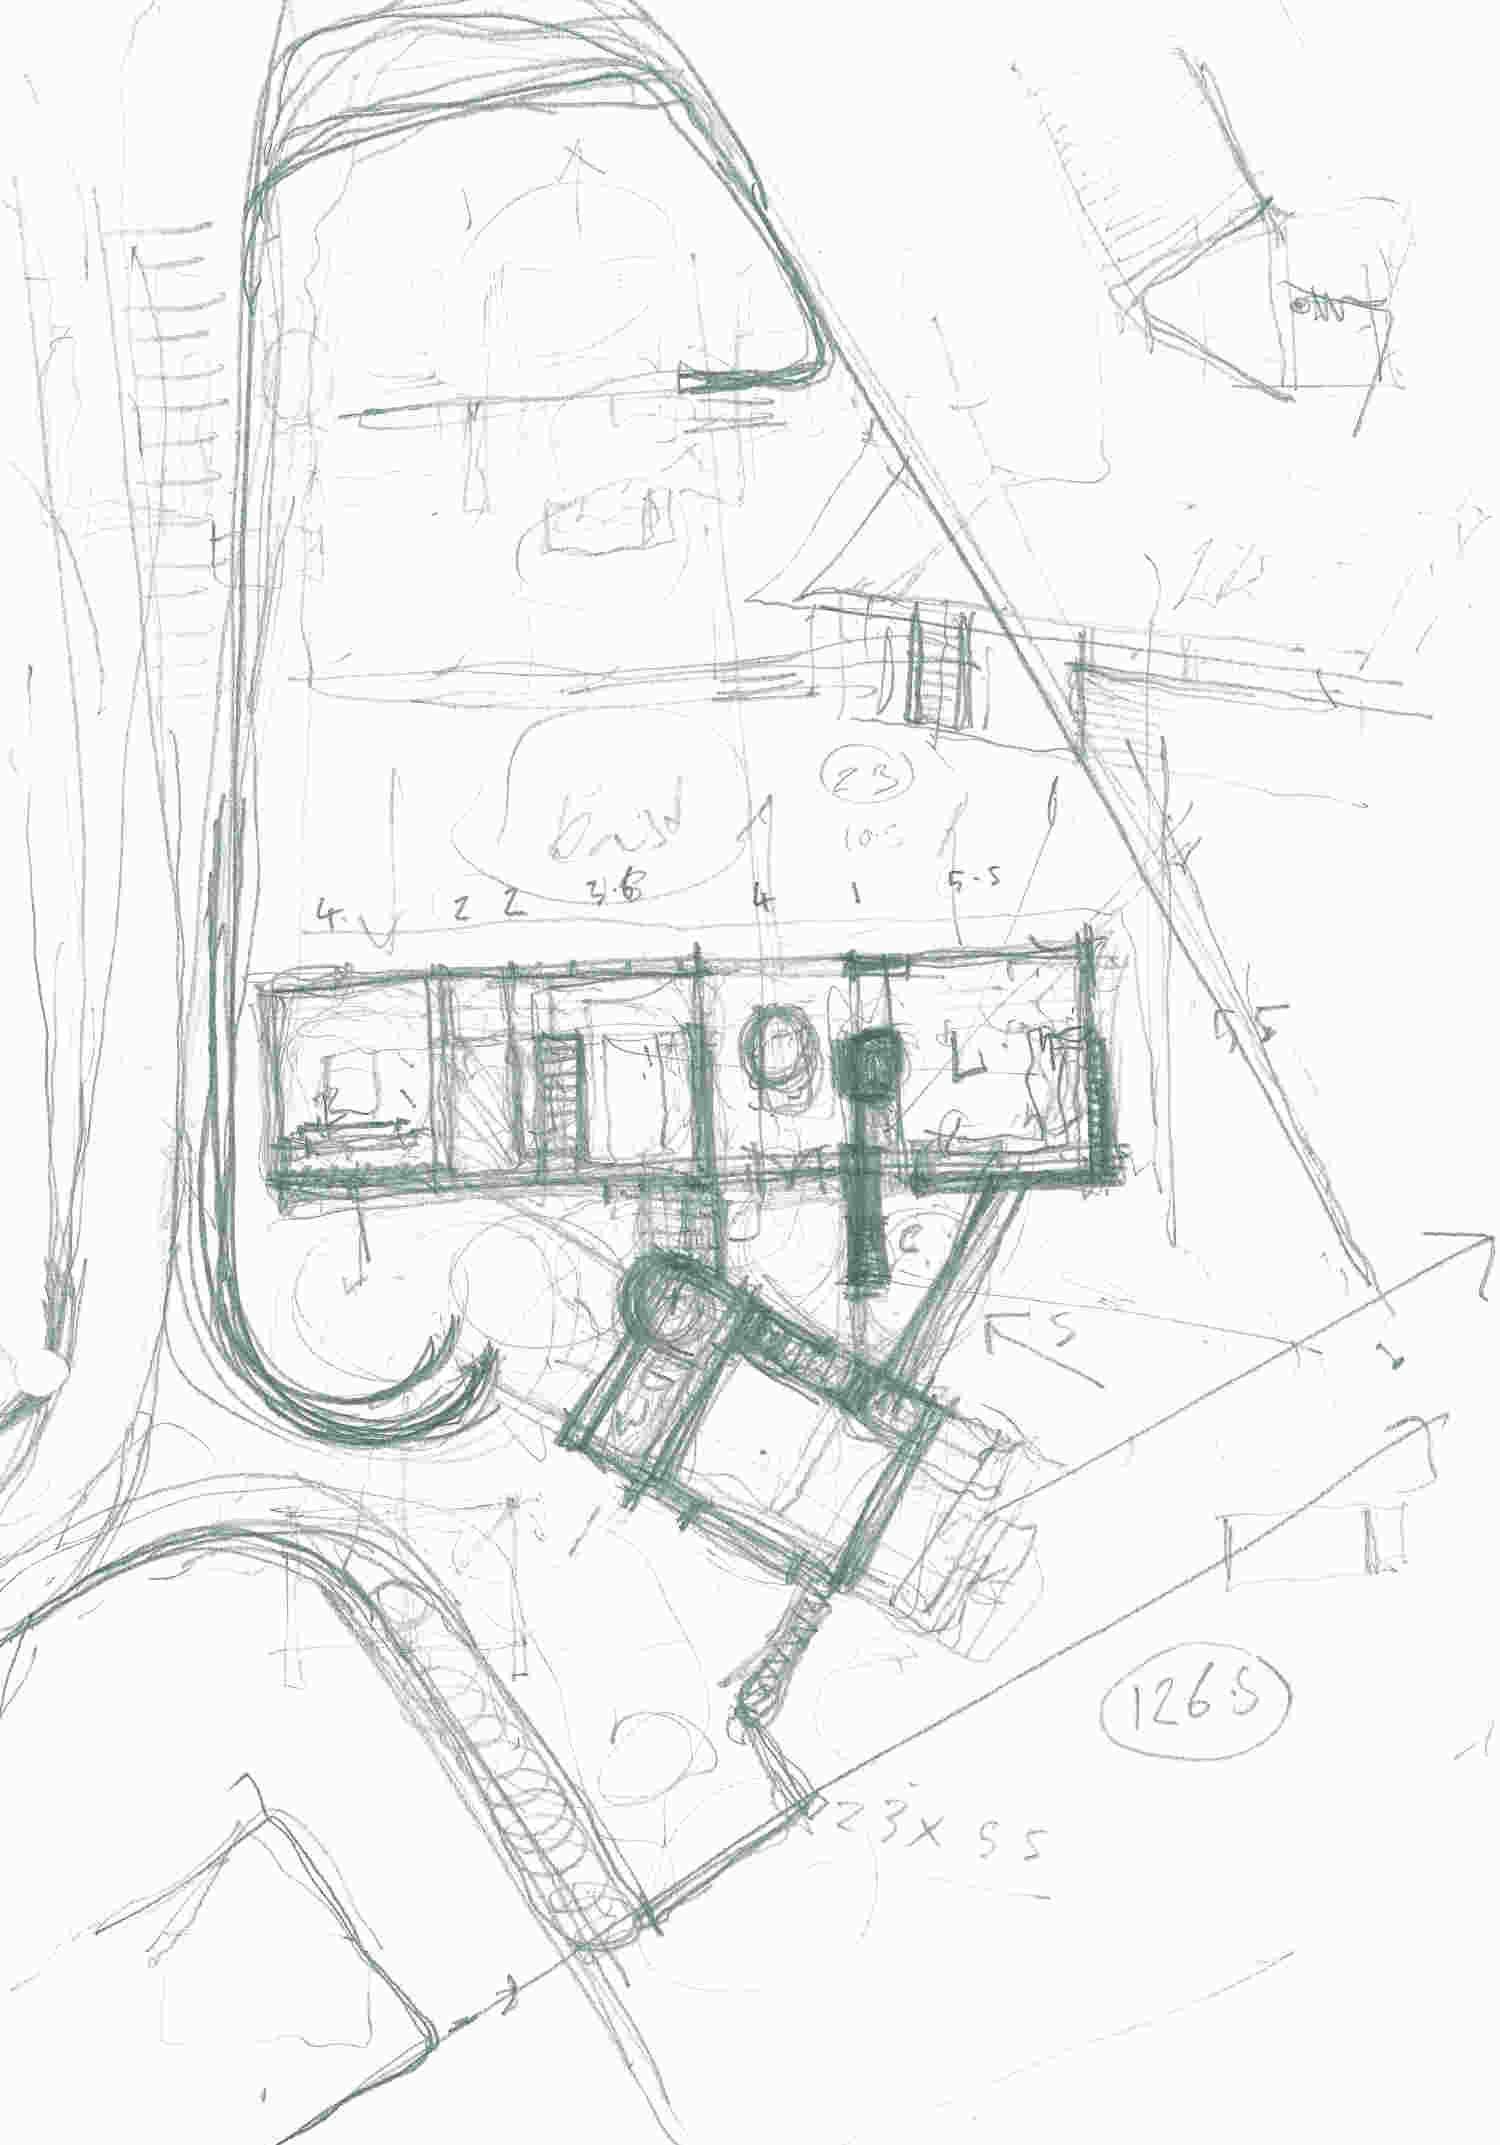 House concept plan